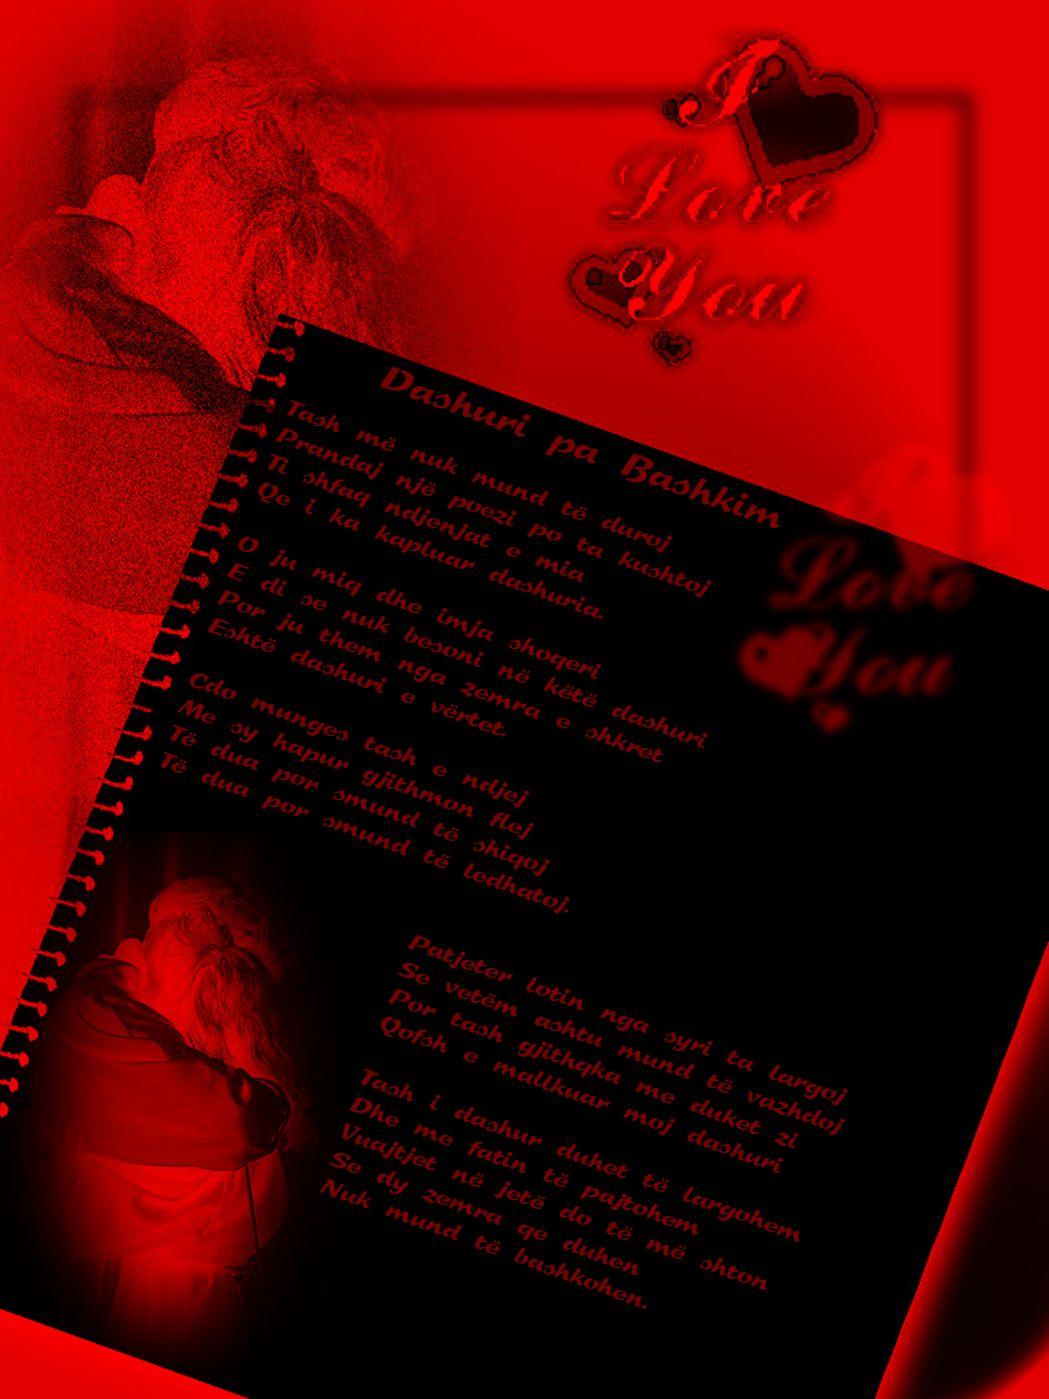 c383c7c5491c3 Foto me poezi dashurie 2012